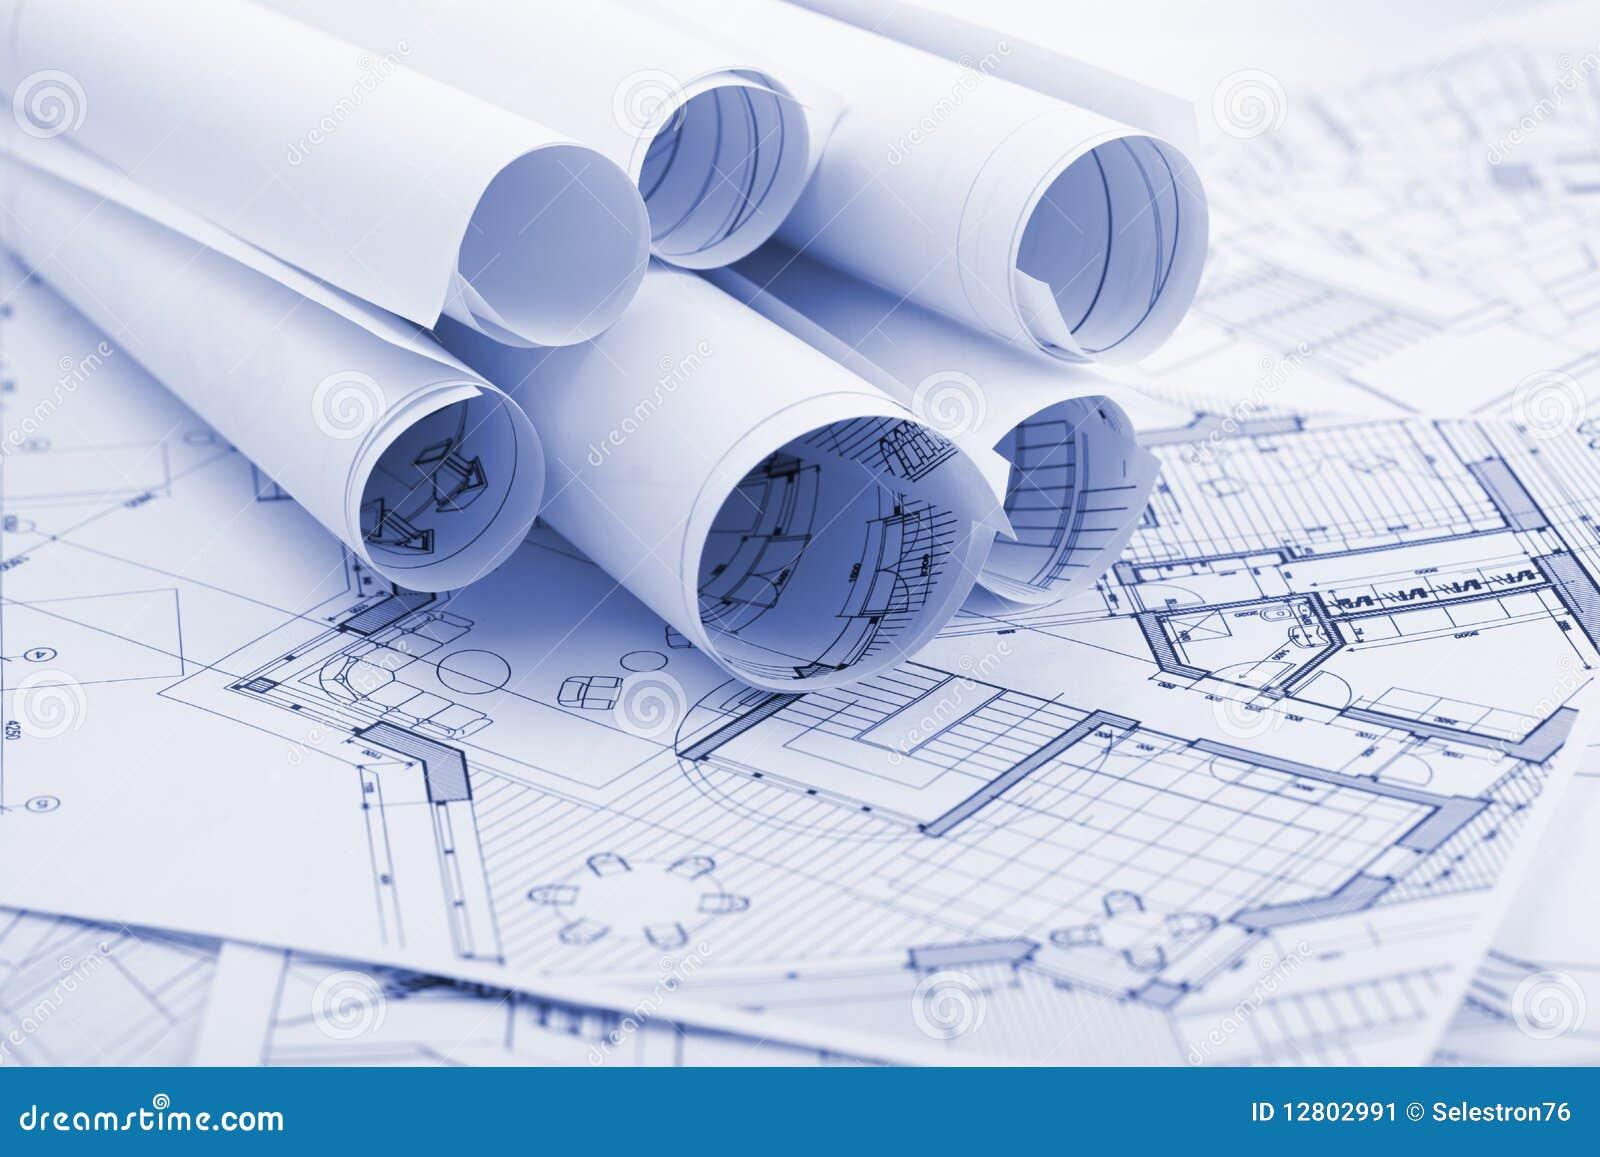 Programmi di architettura immagine stock immagine di for Programmi architettura 3d gratis